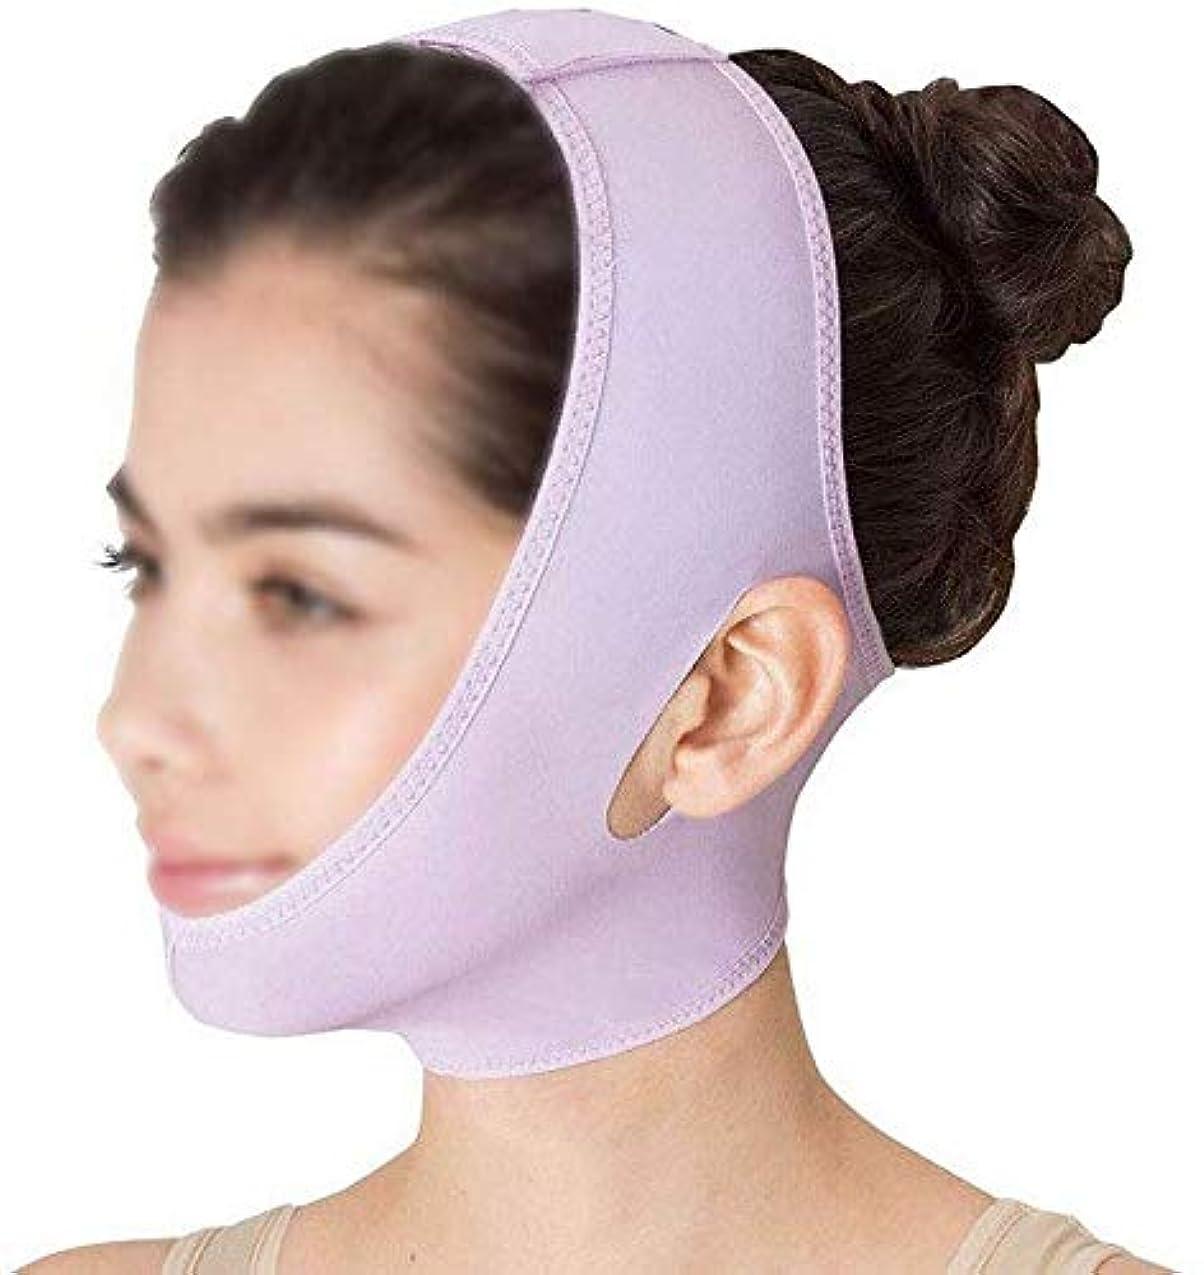 一晩熱共産主義者美しさと実用的な薄型フェイスマスク ビームフェイスの薄いダブルチンでスリーピングマスクの下の頬を防ぎ、小さなVフェイスを作成